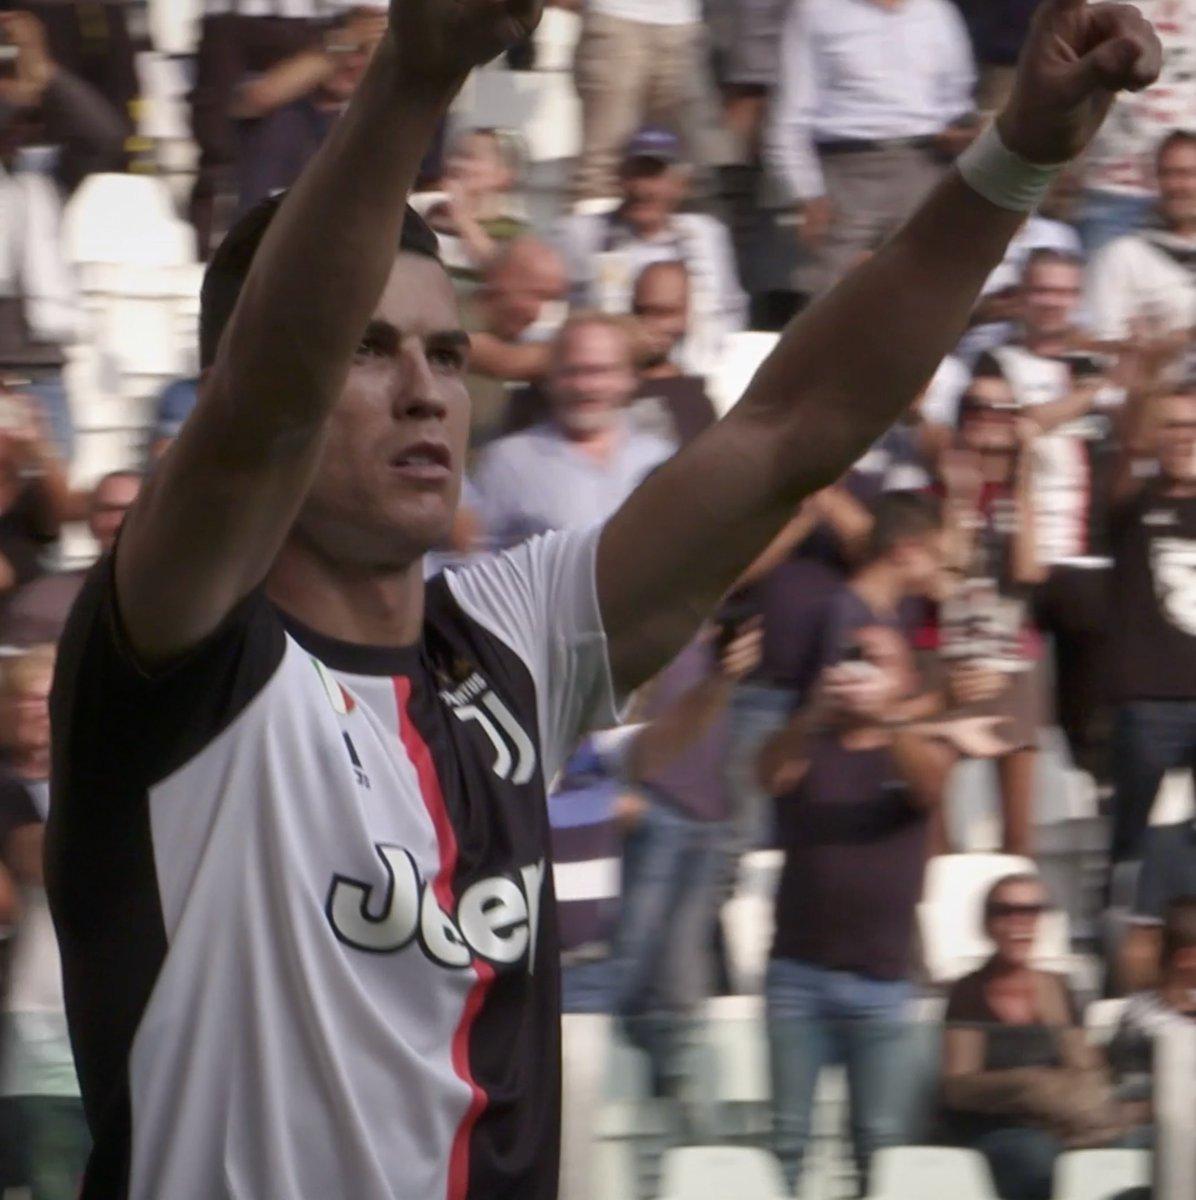 🎬 #JuveSPAL por trás do gol, estrelado por:   🎩 @Miralem_Pjanic  🔥 @Cristiano  Com @Allianz.